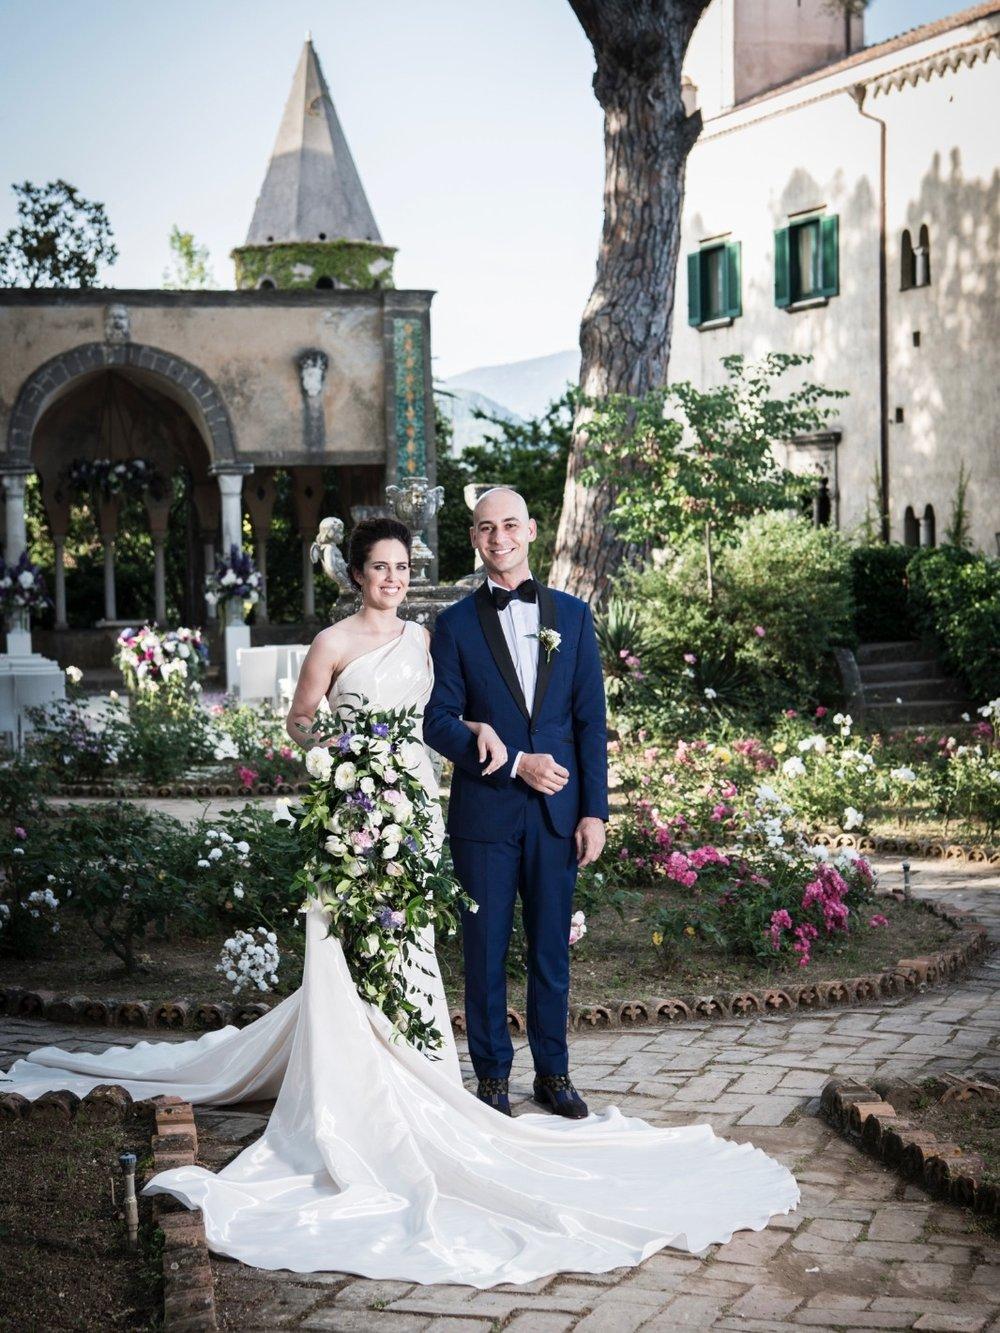 Katerina & David (Italy)